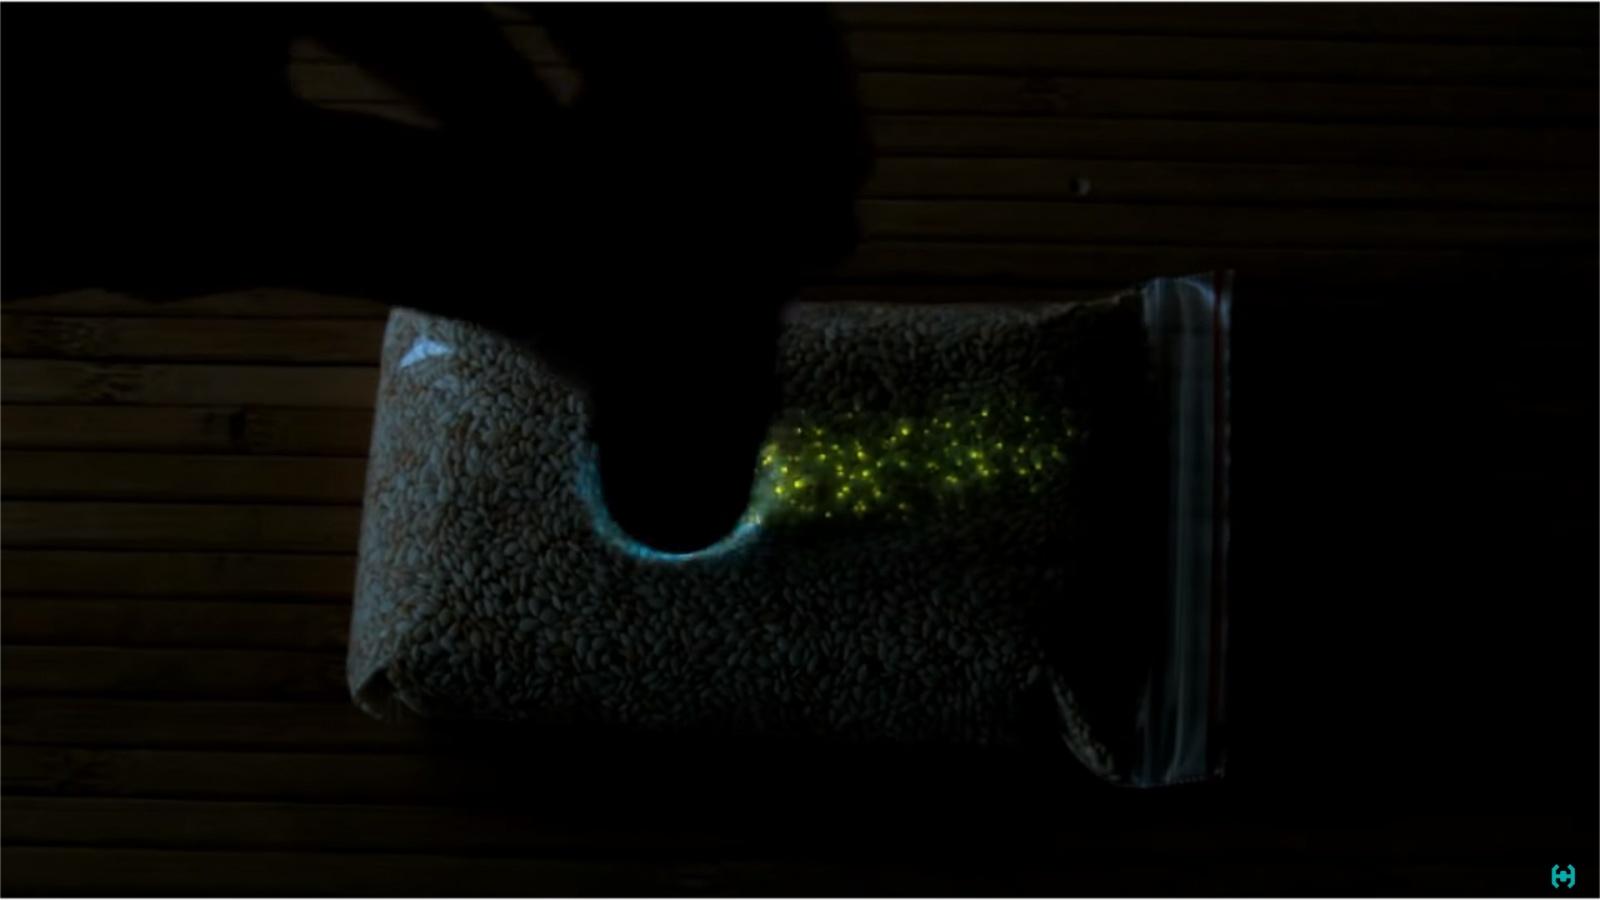 Ультрафиолет на двух пальцах - 24